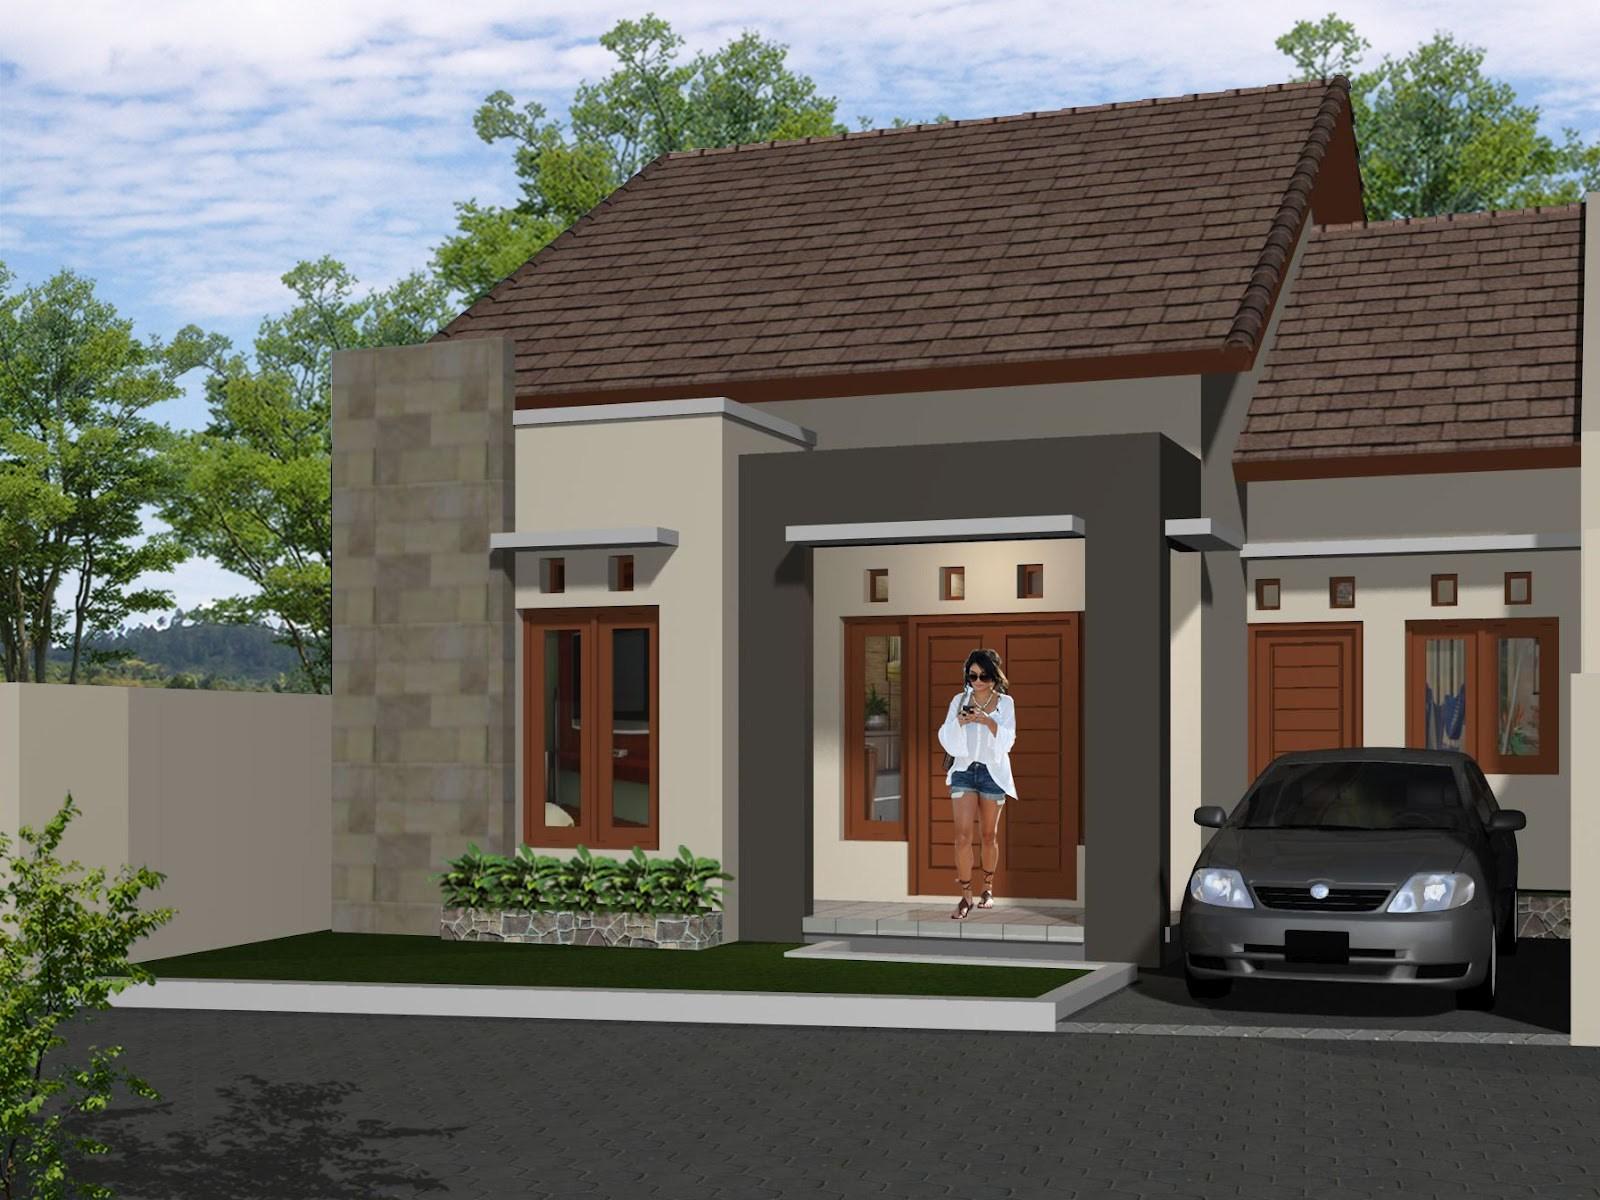 Desain Atap Rumah Minimalis Satu Lantai